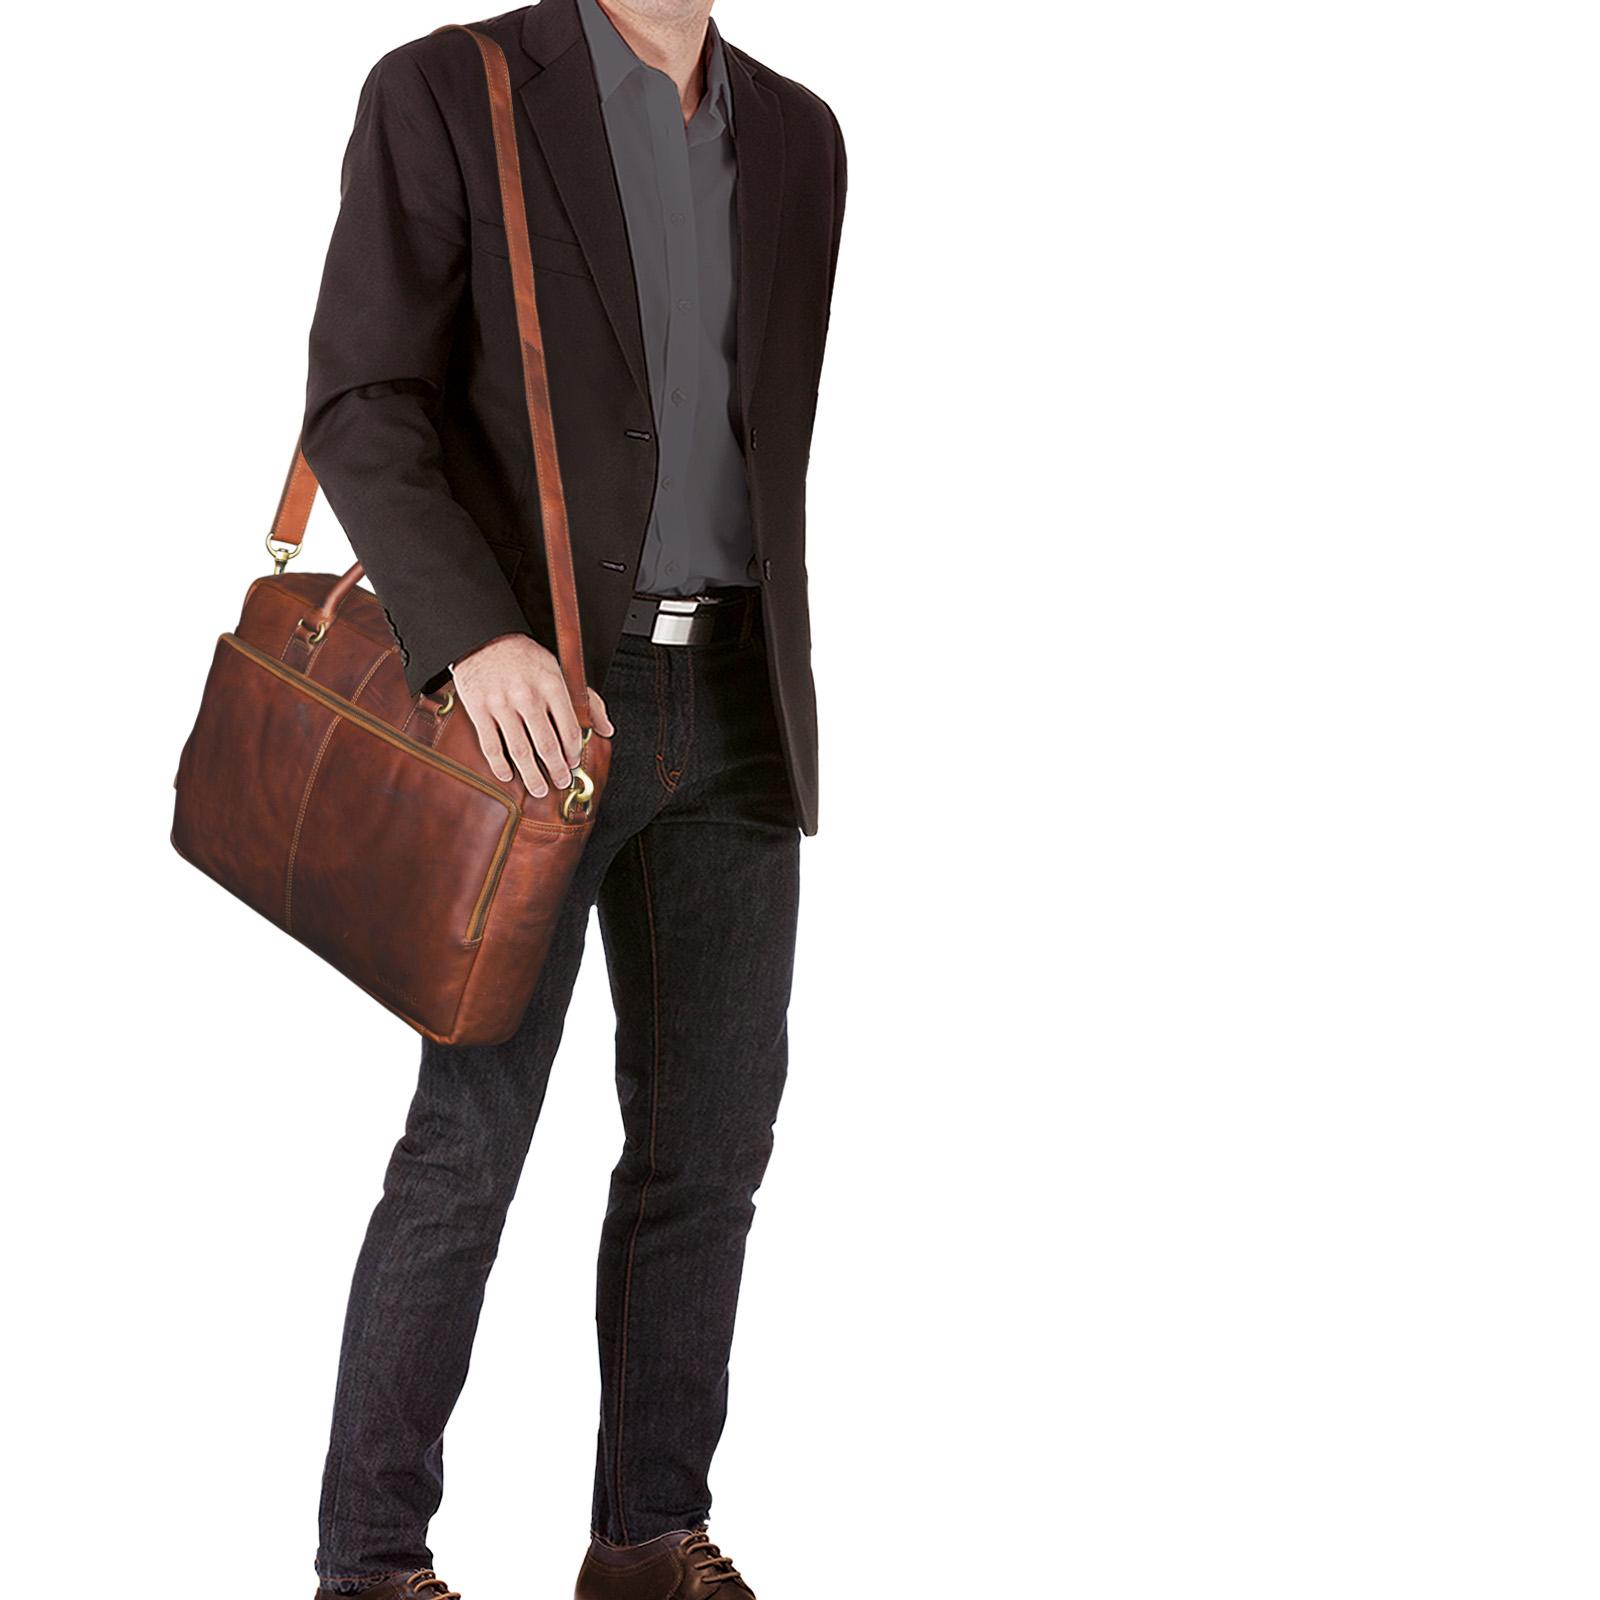 """STILORD """"Aaron"""" Umhängetasche Leder 15,6 Zoll Laptoptasche Aktentasche Bürotasche Unitasche mit Schultergurt Business Vintage - Bild 2"""